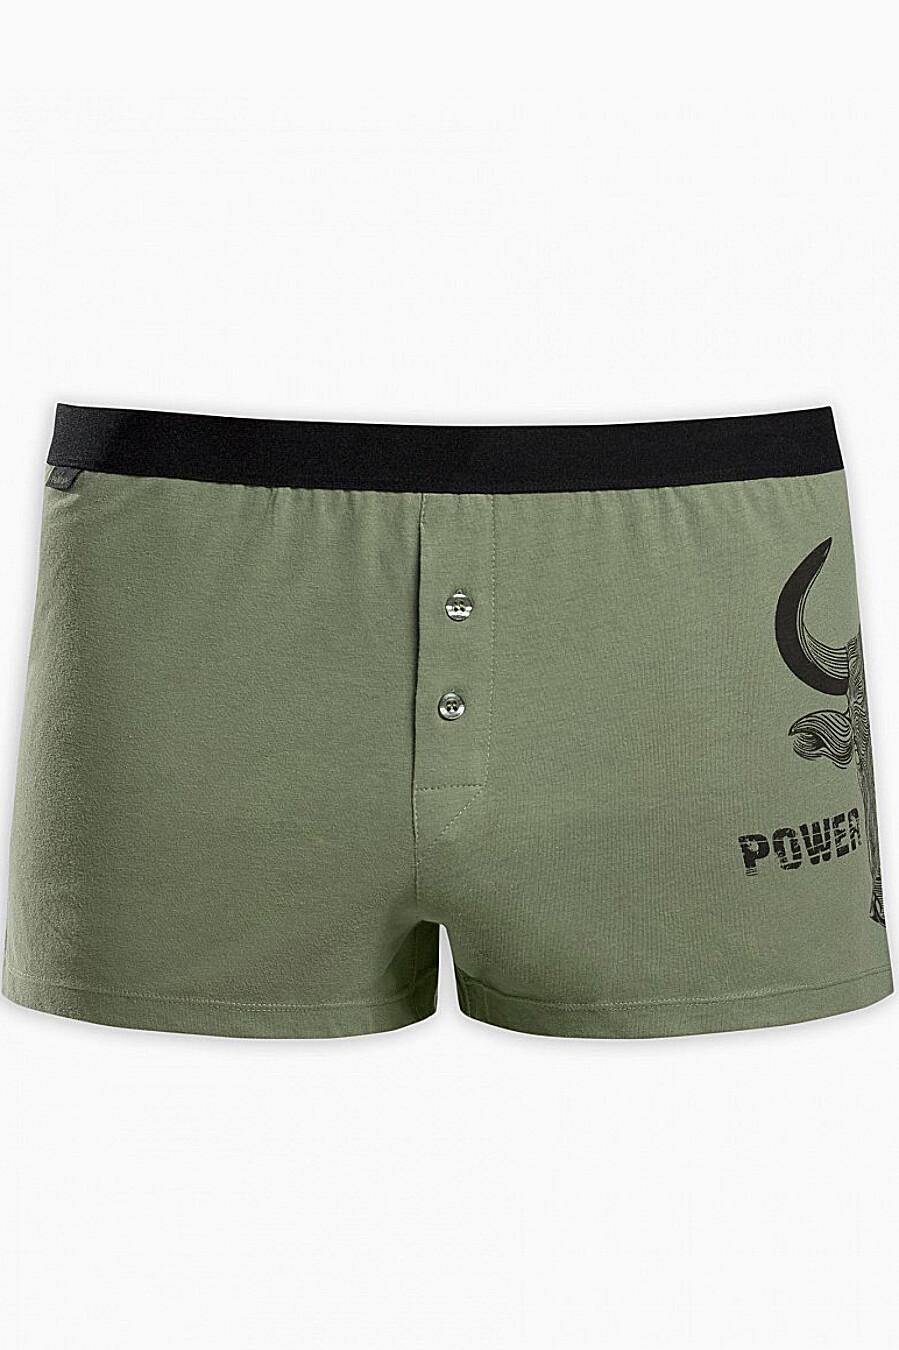 Трусы для мужчин PELICAN 123641 купить оптом от производителя. Совместная покупка мужской одежды в OptMoyo